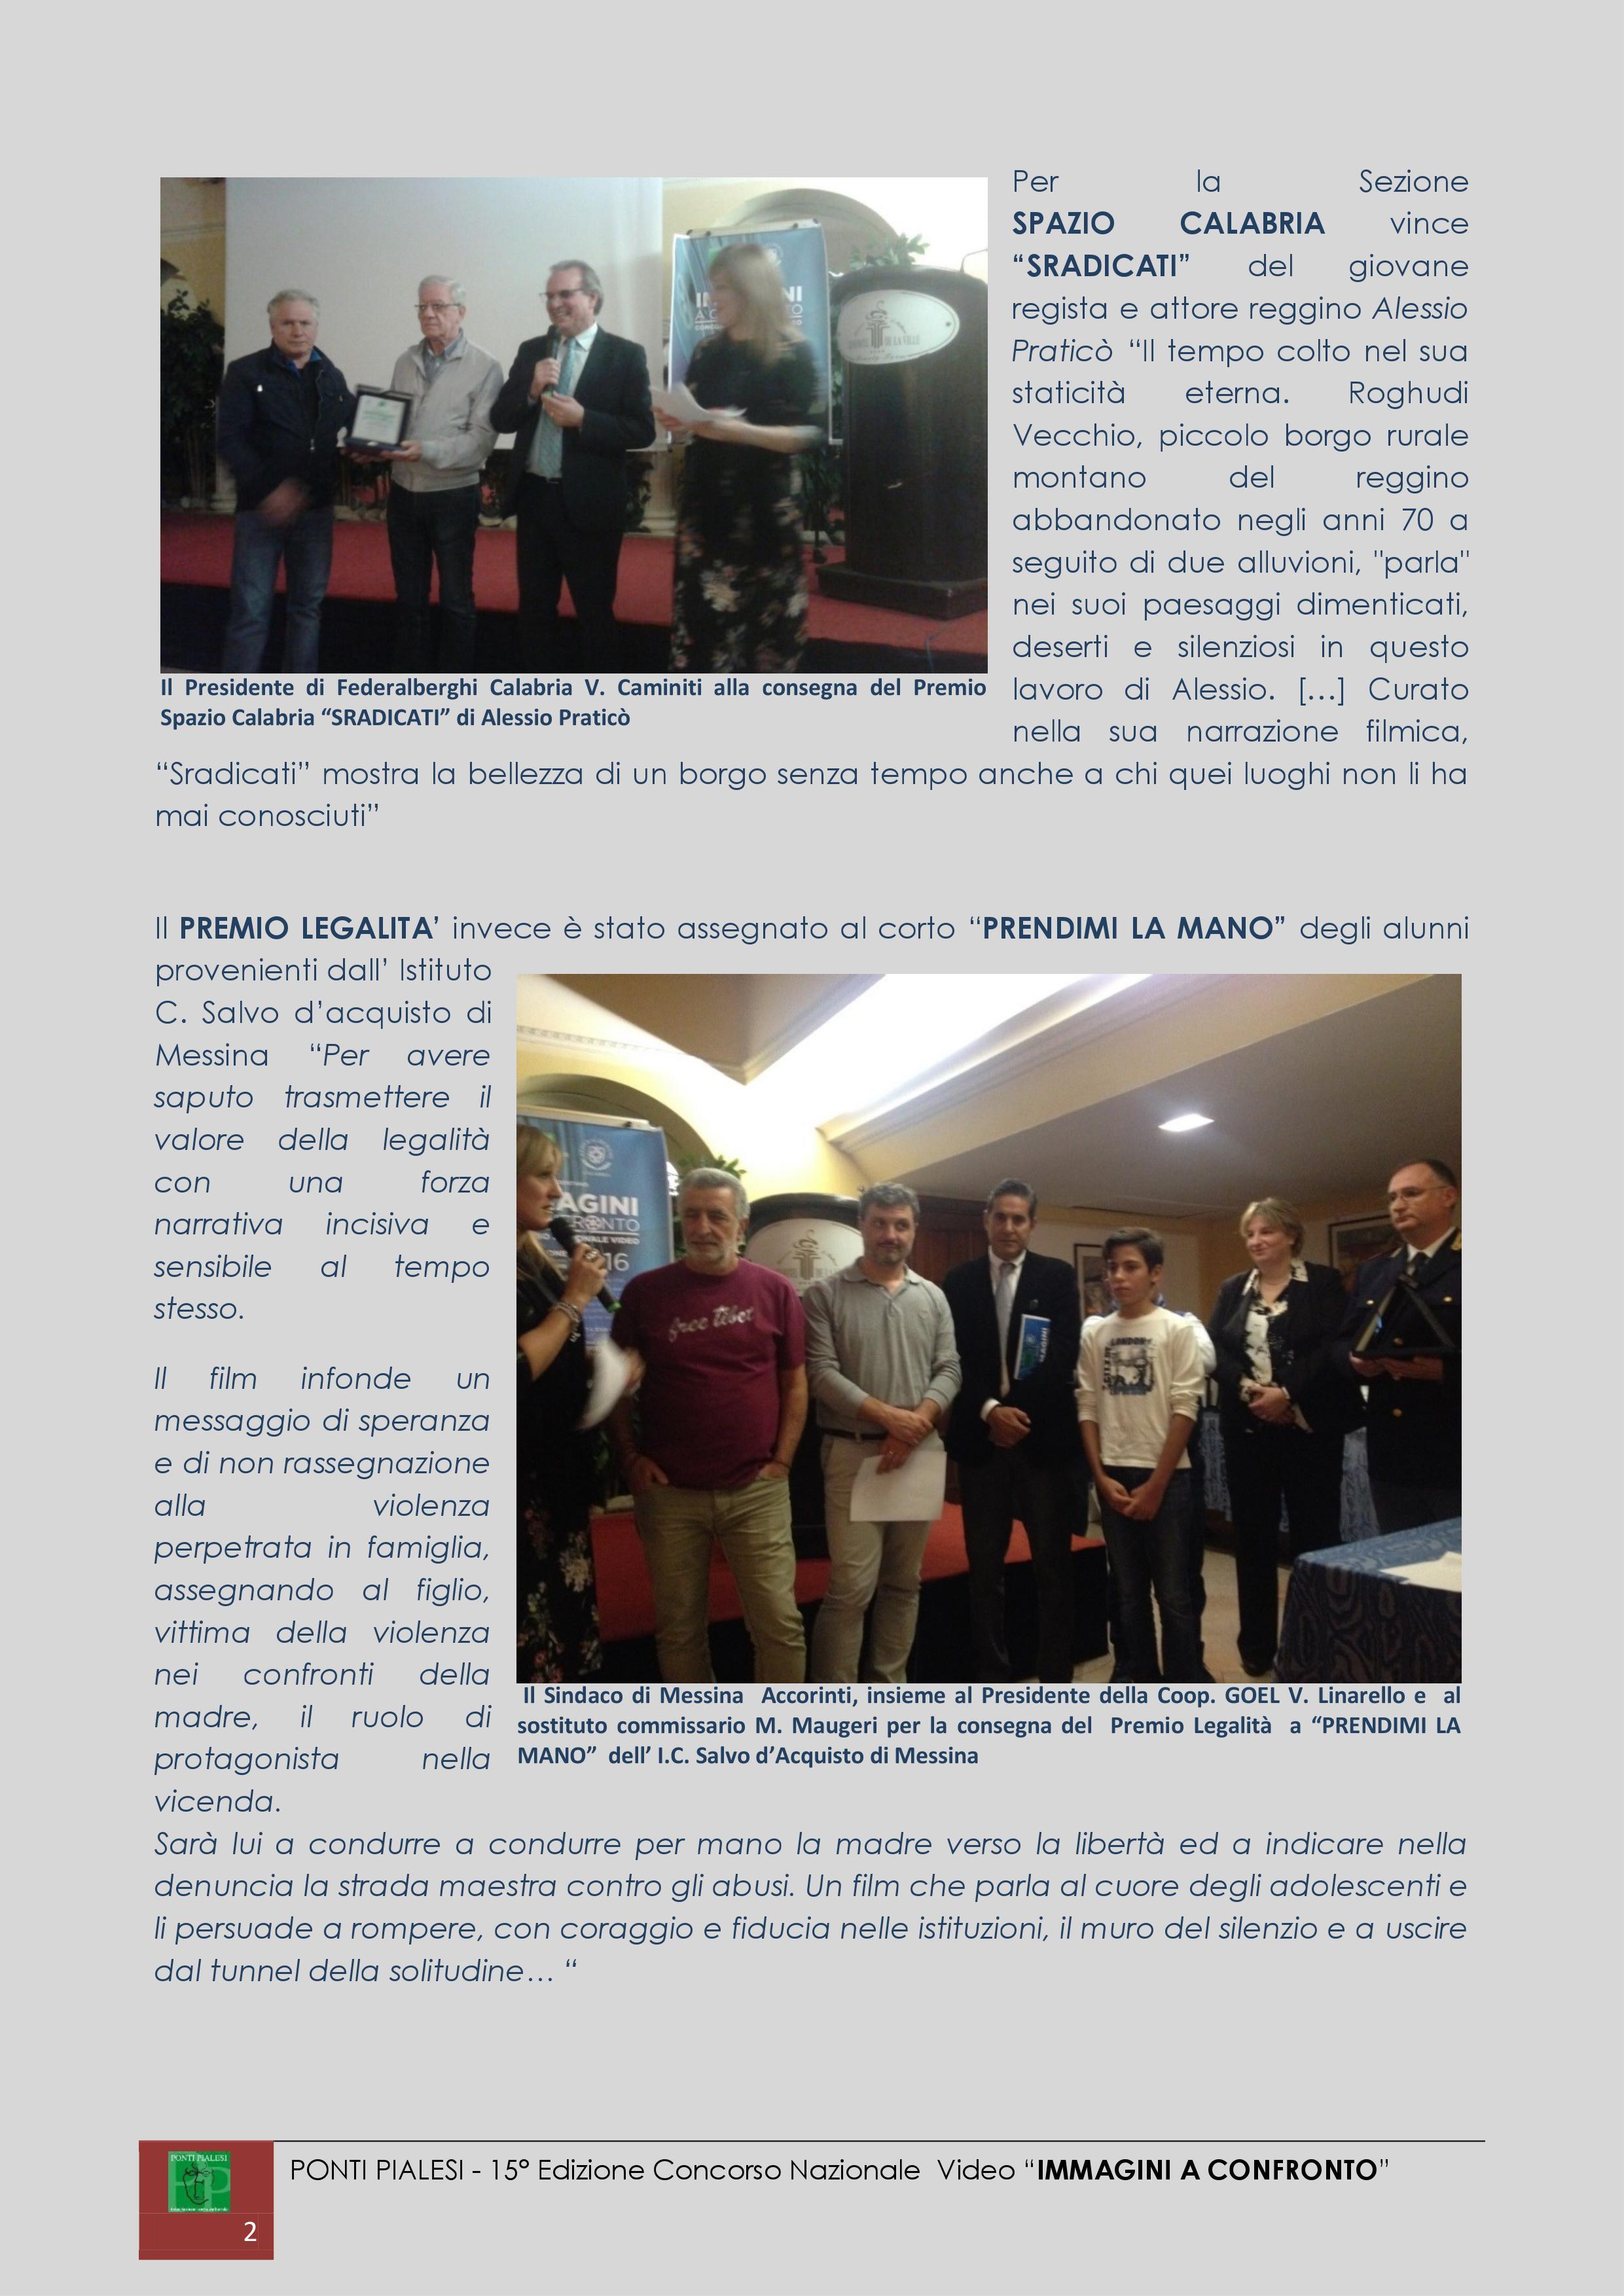 IMMAGINI A CONFRONTO 2016 - 15a Edizione - Resoconto finale (2)